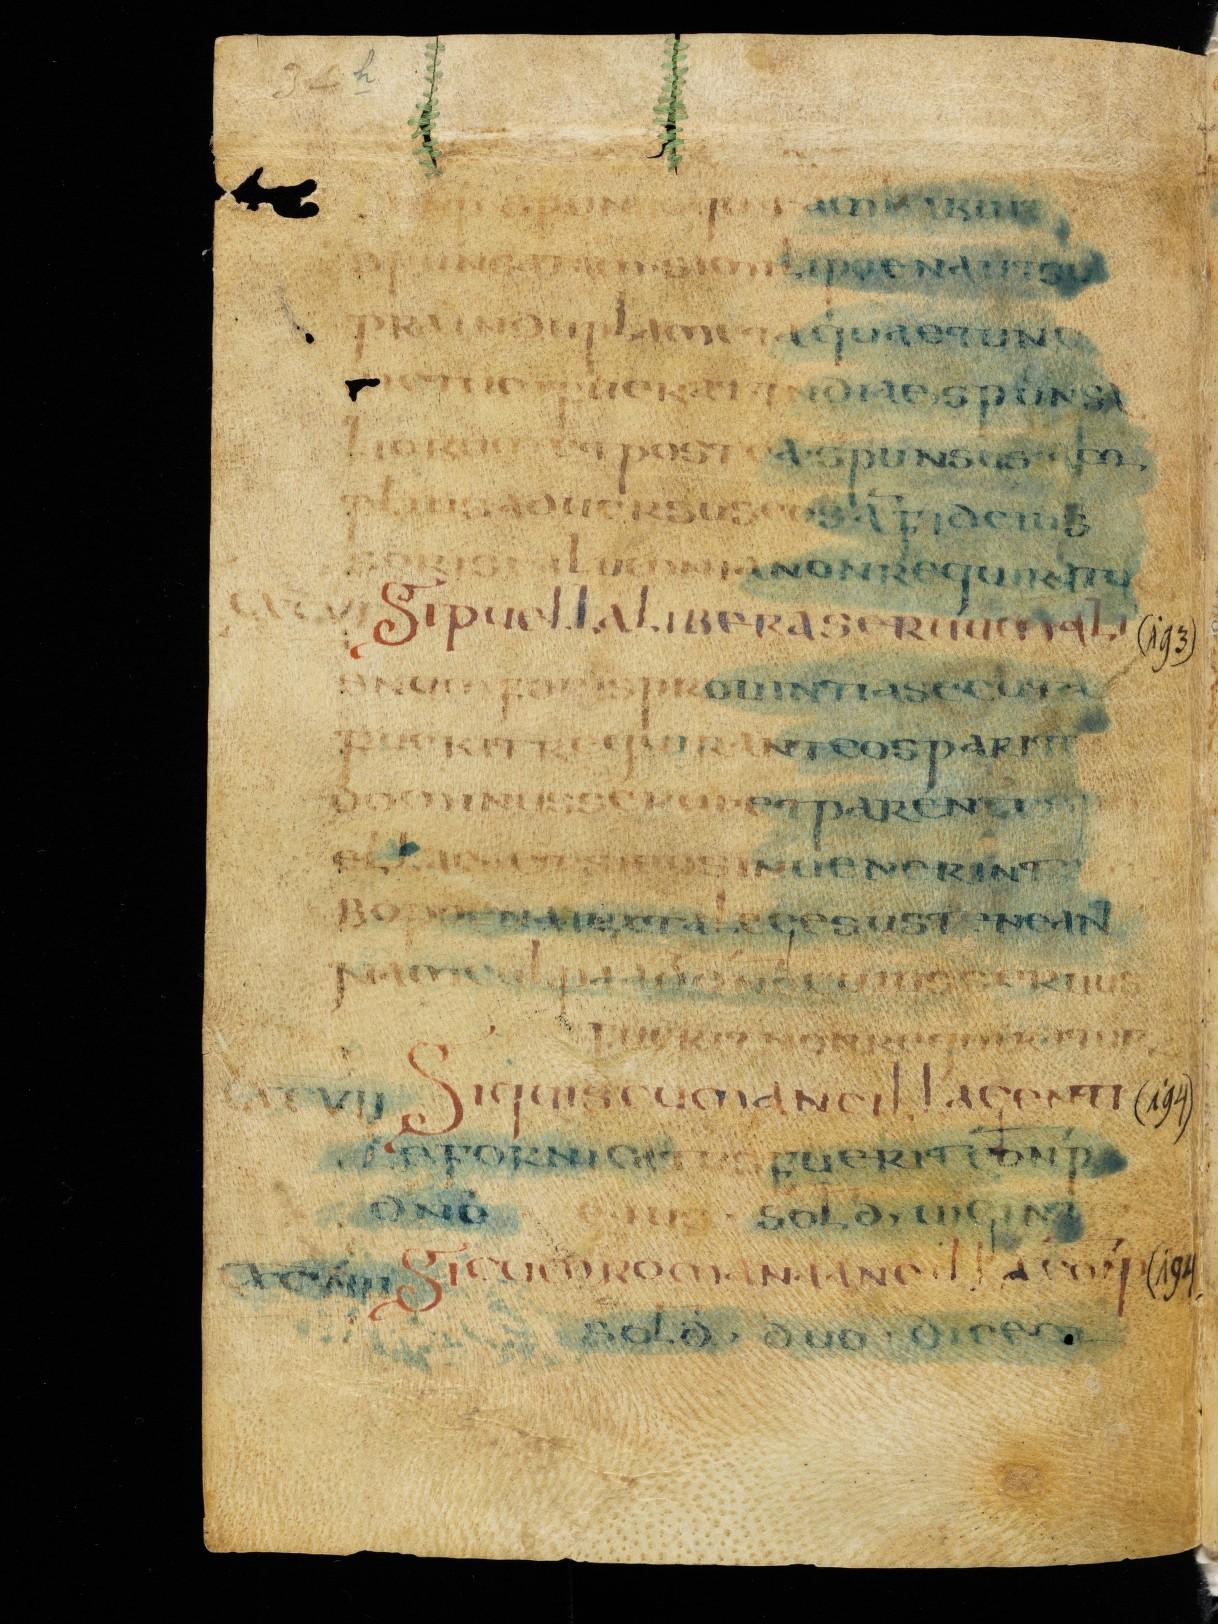 Cod. Sang. 730, p. 34h